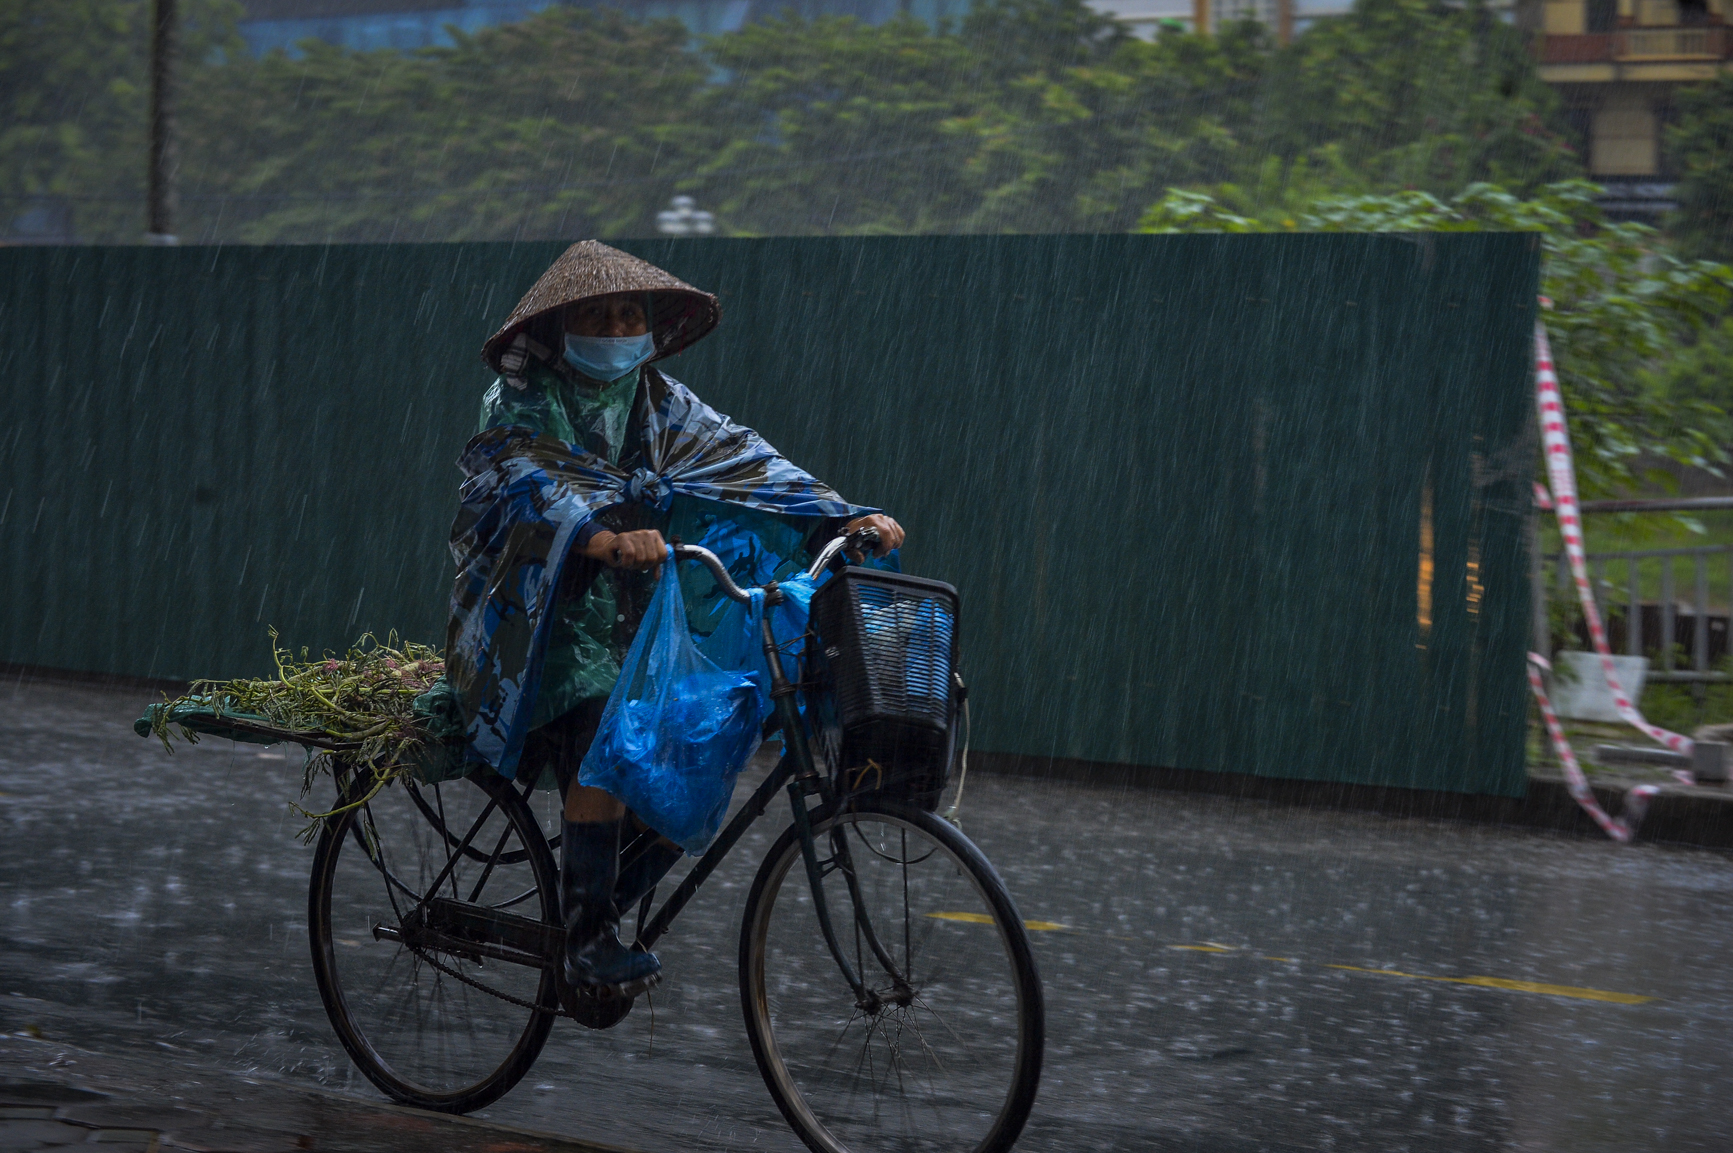 Hà Nội: Trận mưa rào lúc 8h sáng khiến trời tối sầm, nhiều phương tiện phải bật đèn để di chuyển - Ảnh 3.